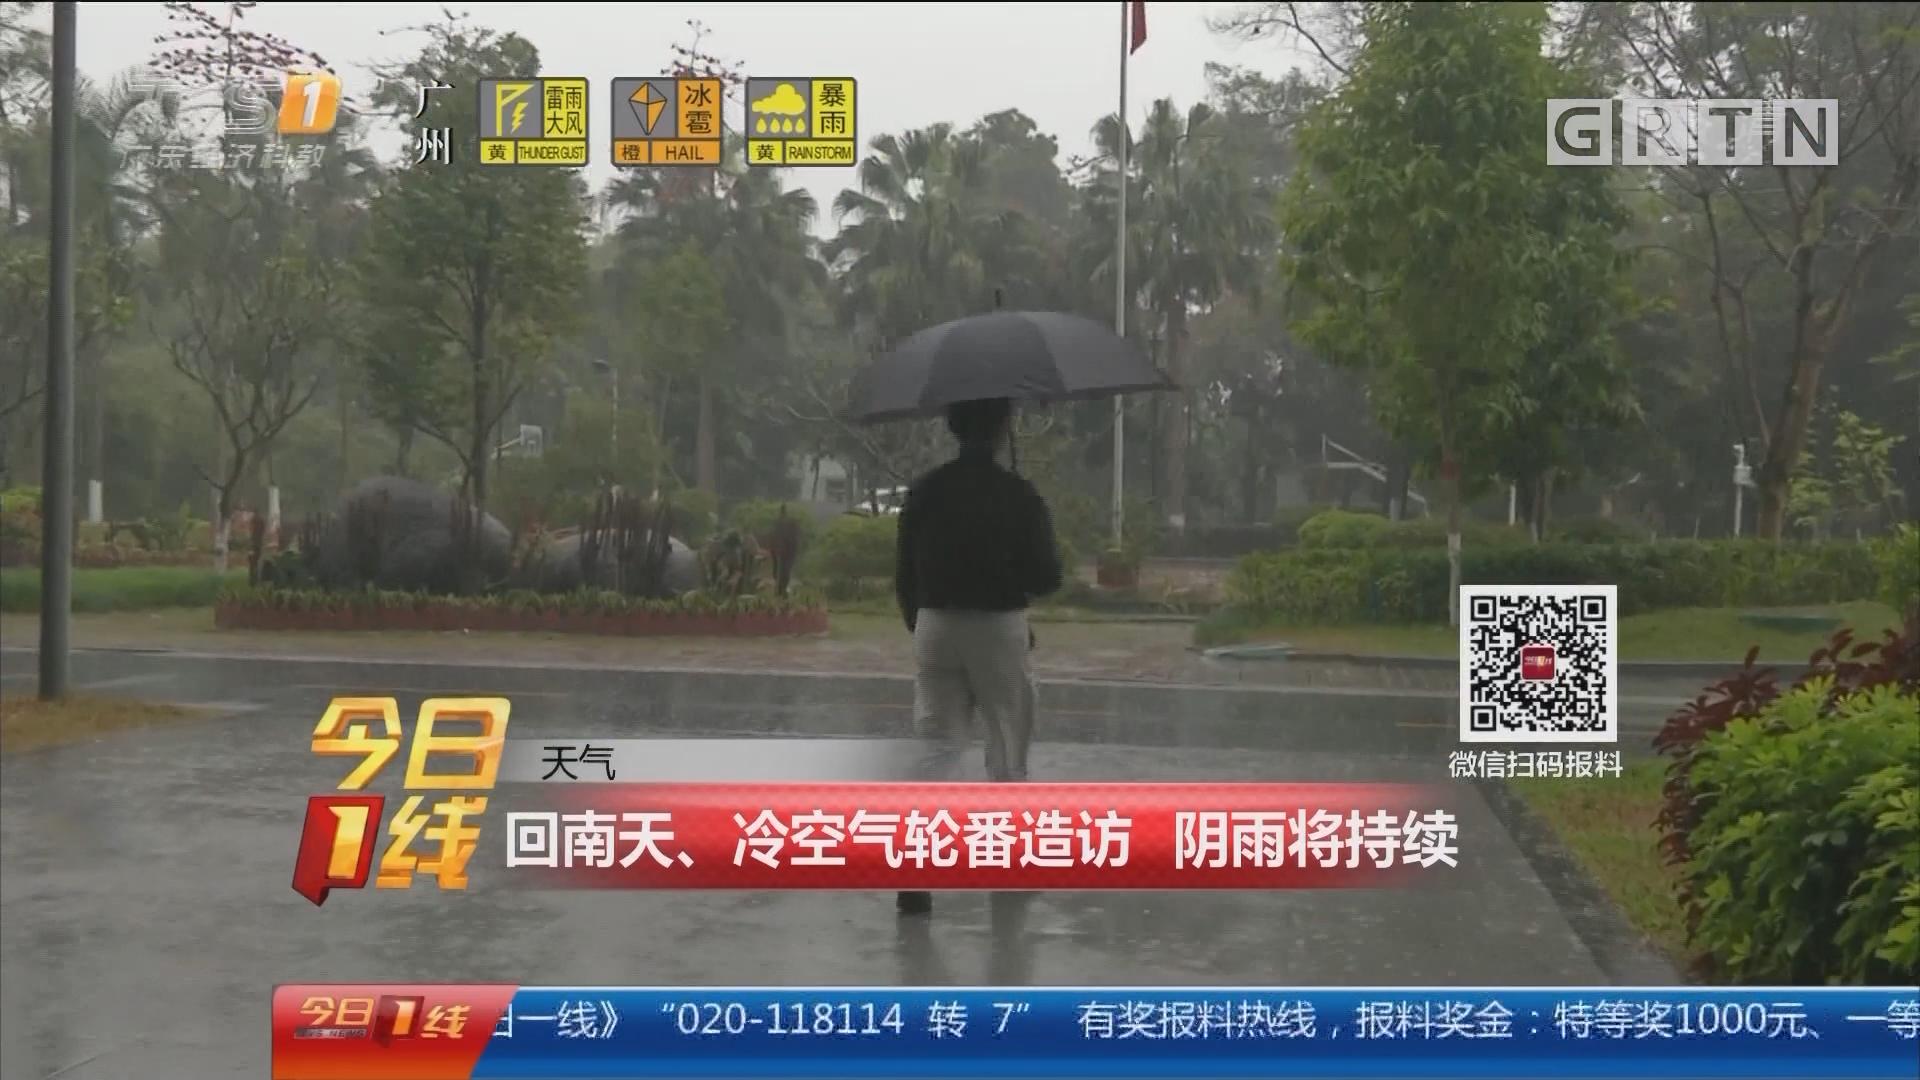 天气:回南天、冷空气轮番造访 阴雨将持续